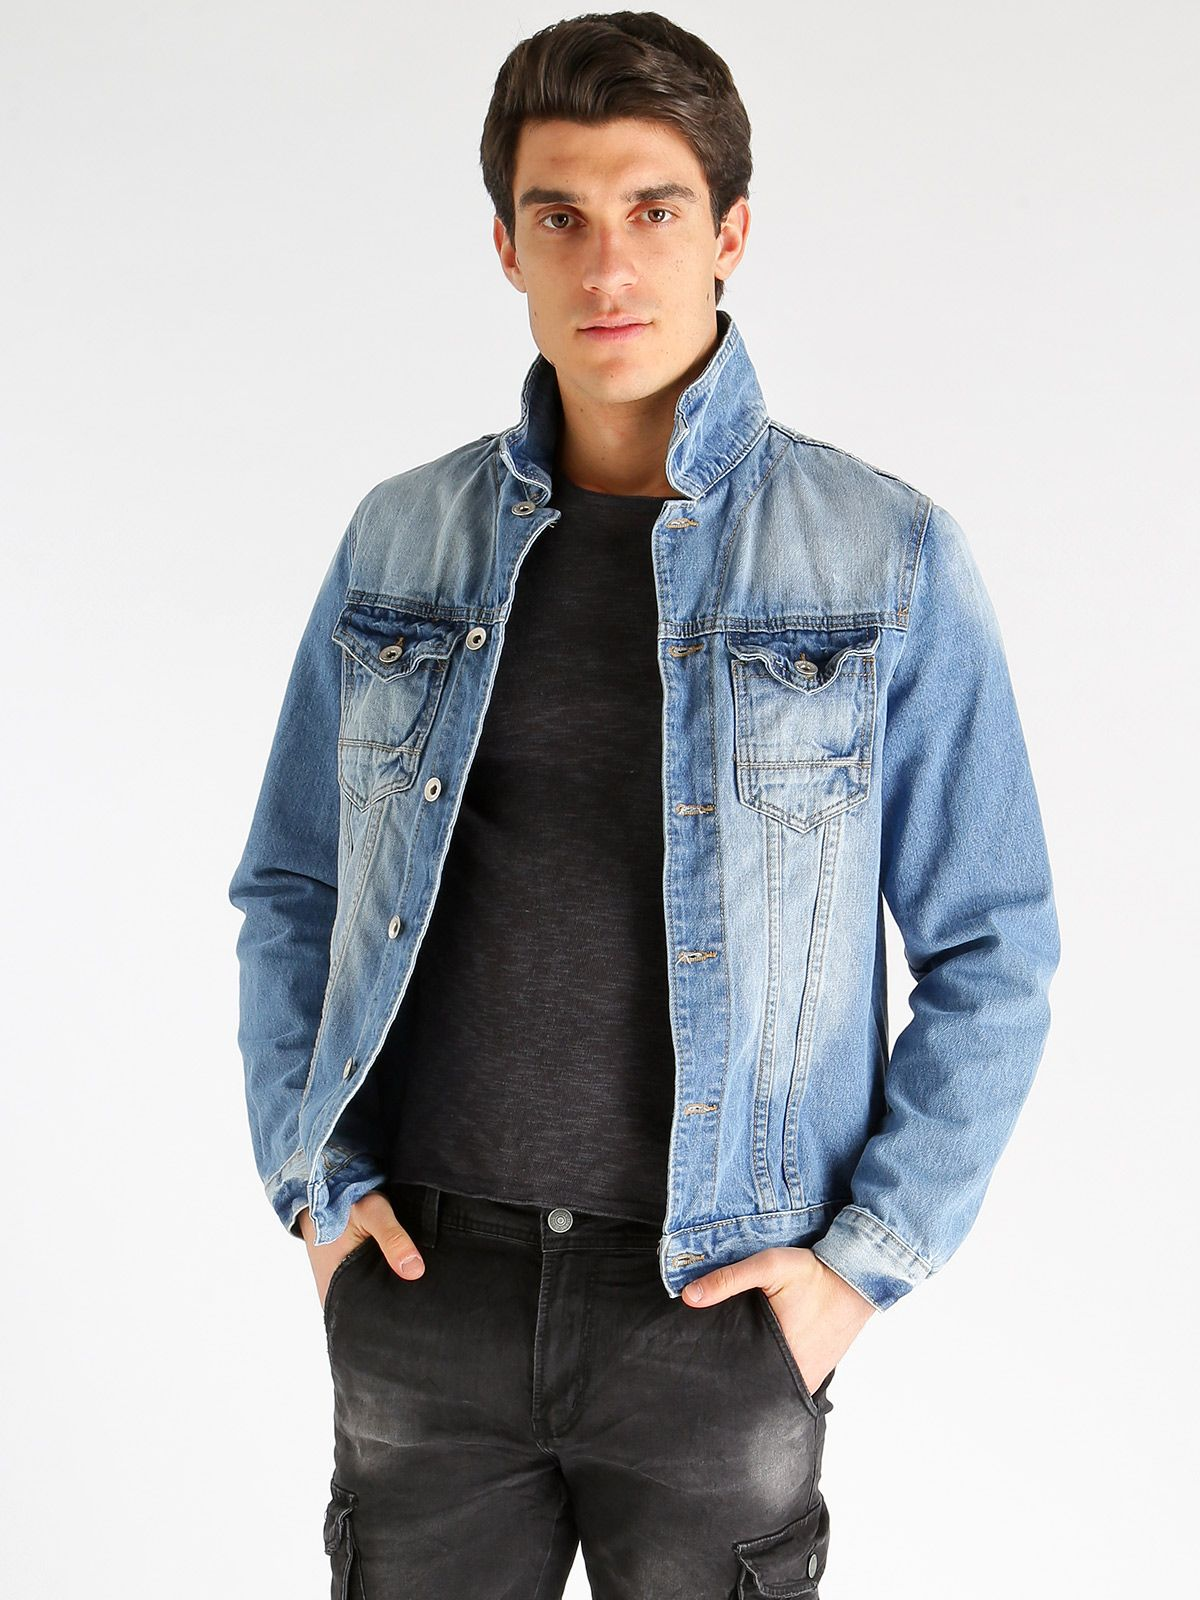 a96324e148bafc ... Jeans Uomo di Mecshopping. Taschini con bottoni su parte alta, bottoni  sui polsini, effetto slavato, cuciture a